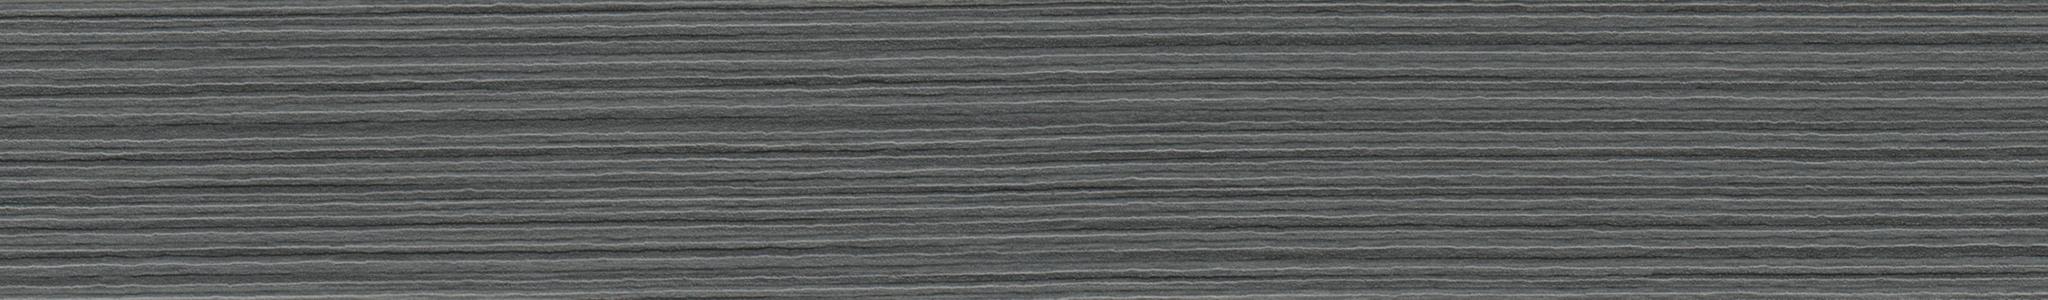 HD 298509 ABS Kante Dekor Schwarzholz Pore